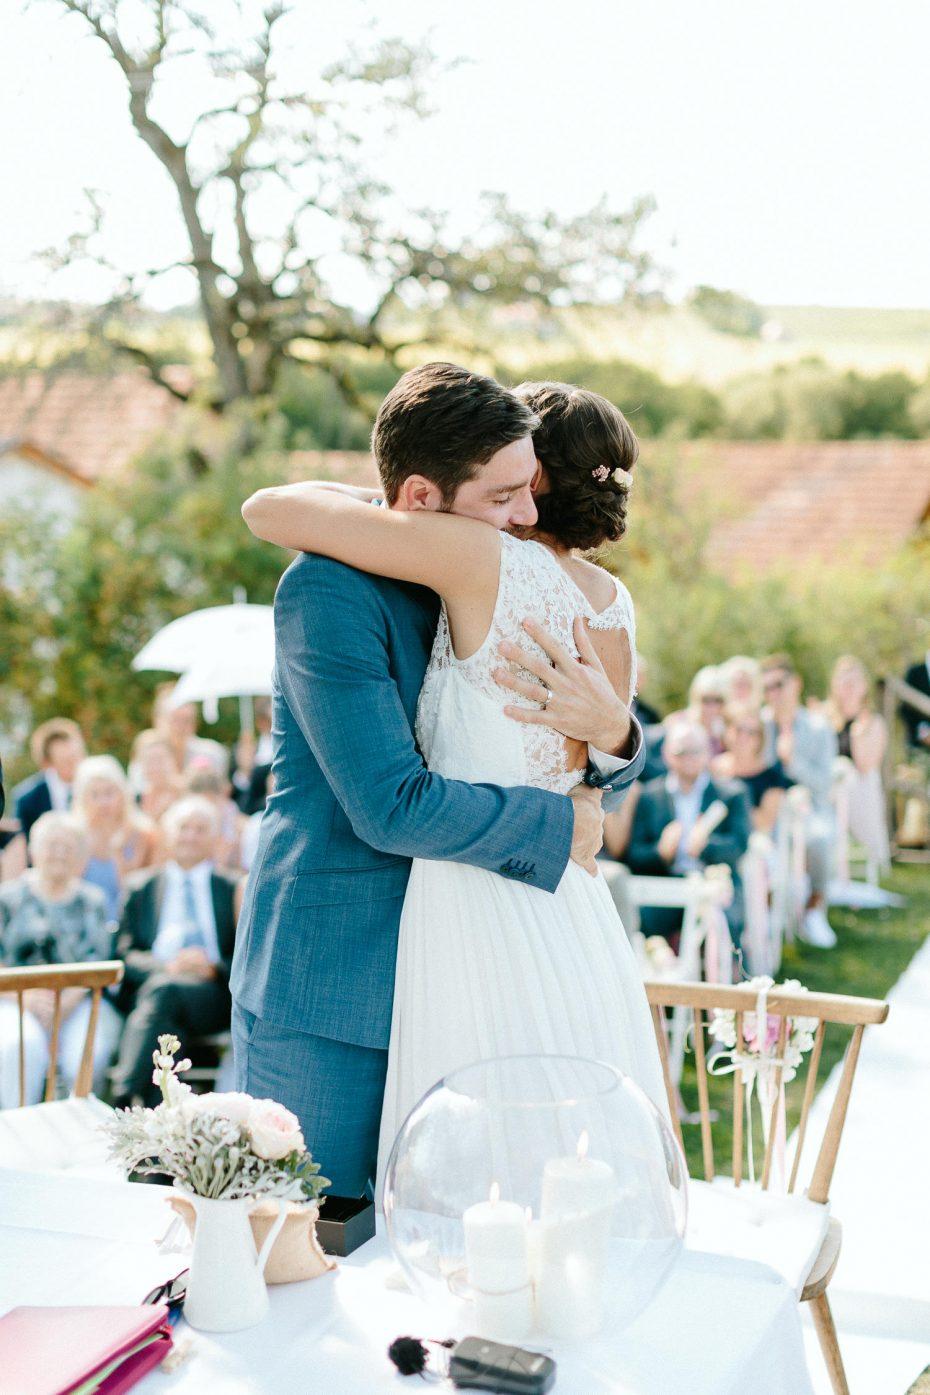 Julia+Daniel - JD-Hochzeit-Weingut-Holler-047.jpg